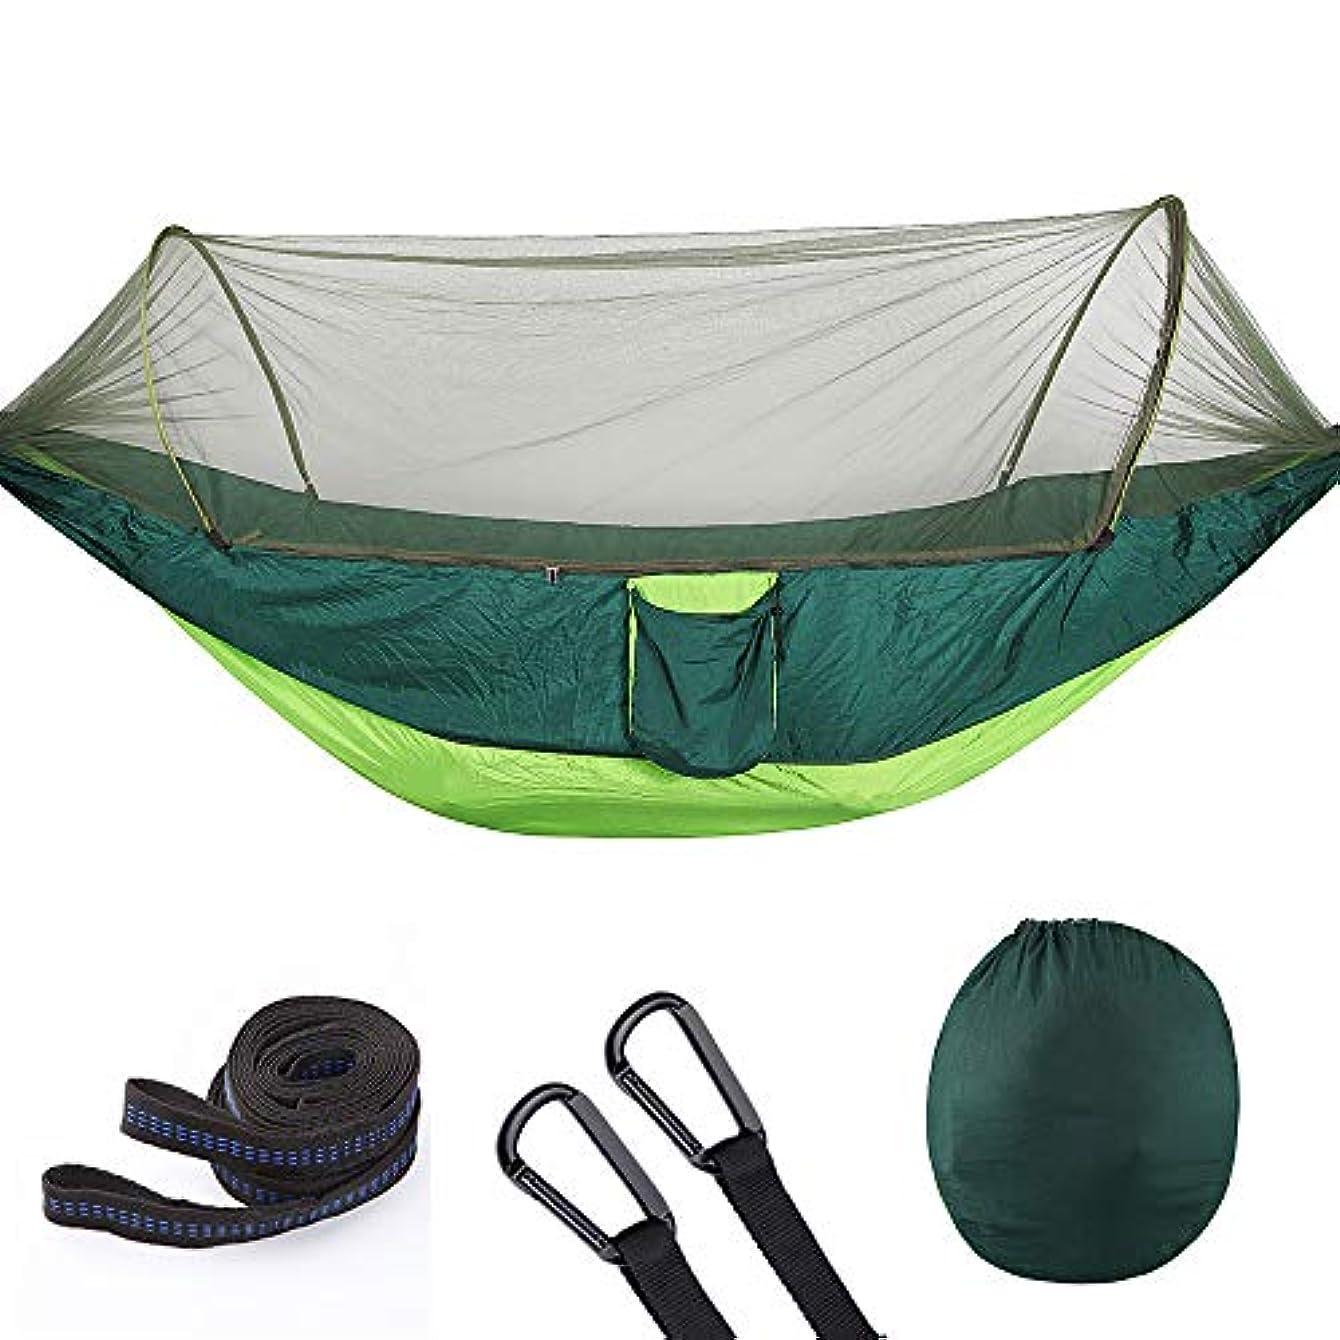 珍しいヘルシーピアースZJING蚊帳の単一のハンモックが付いている緑の屋外の二重ナイロンパラシュートの布のハンモックのキャンプ